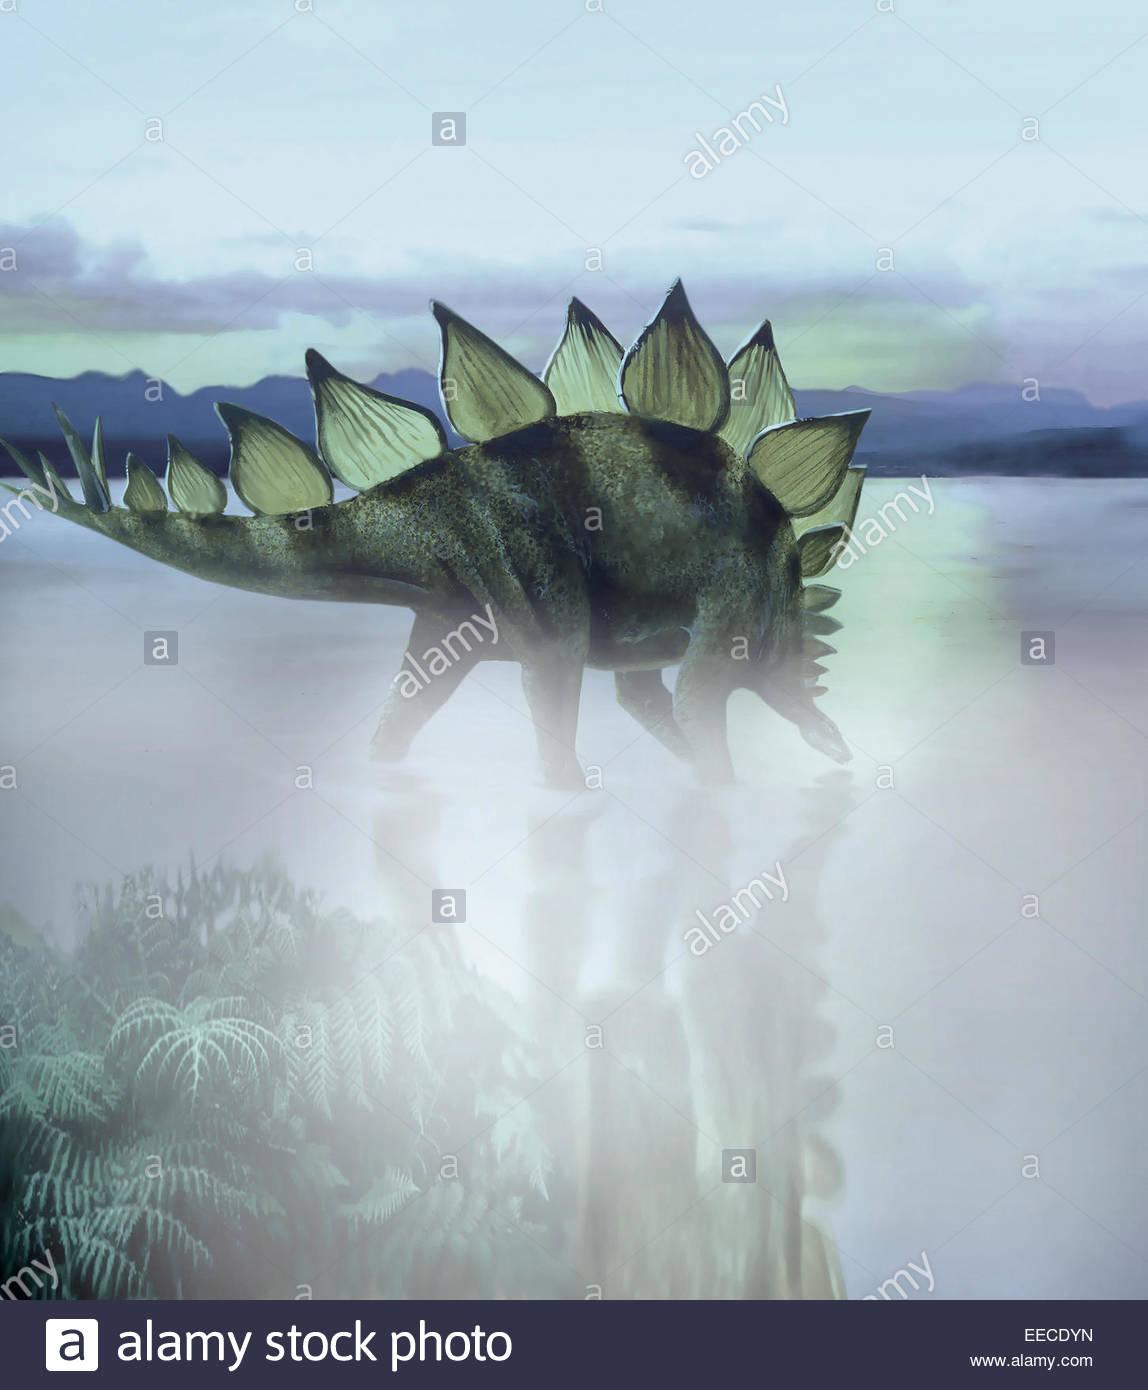 Un dinosauro Stegosaurus pascolare in un lago preistorico. Le piastre su un Stegosaurus tornare erano una volta Immagini Stock